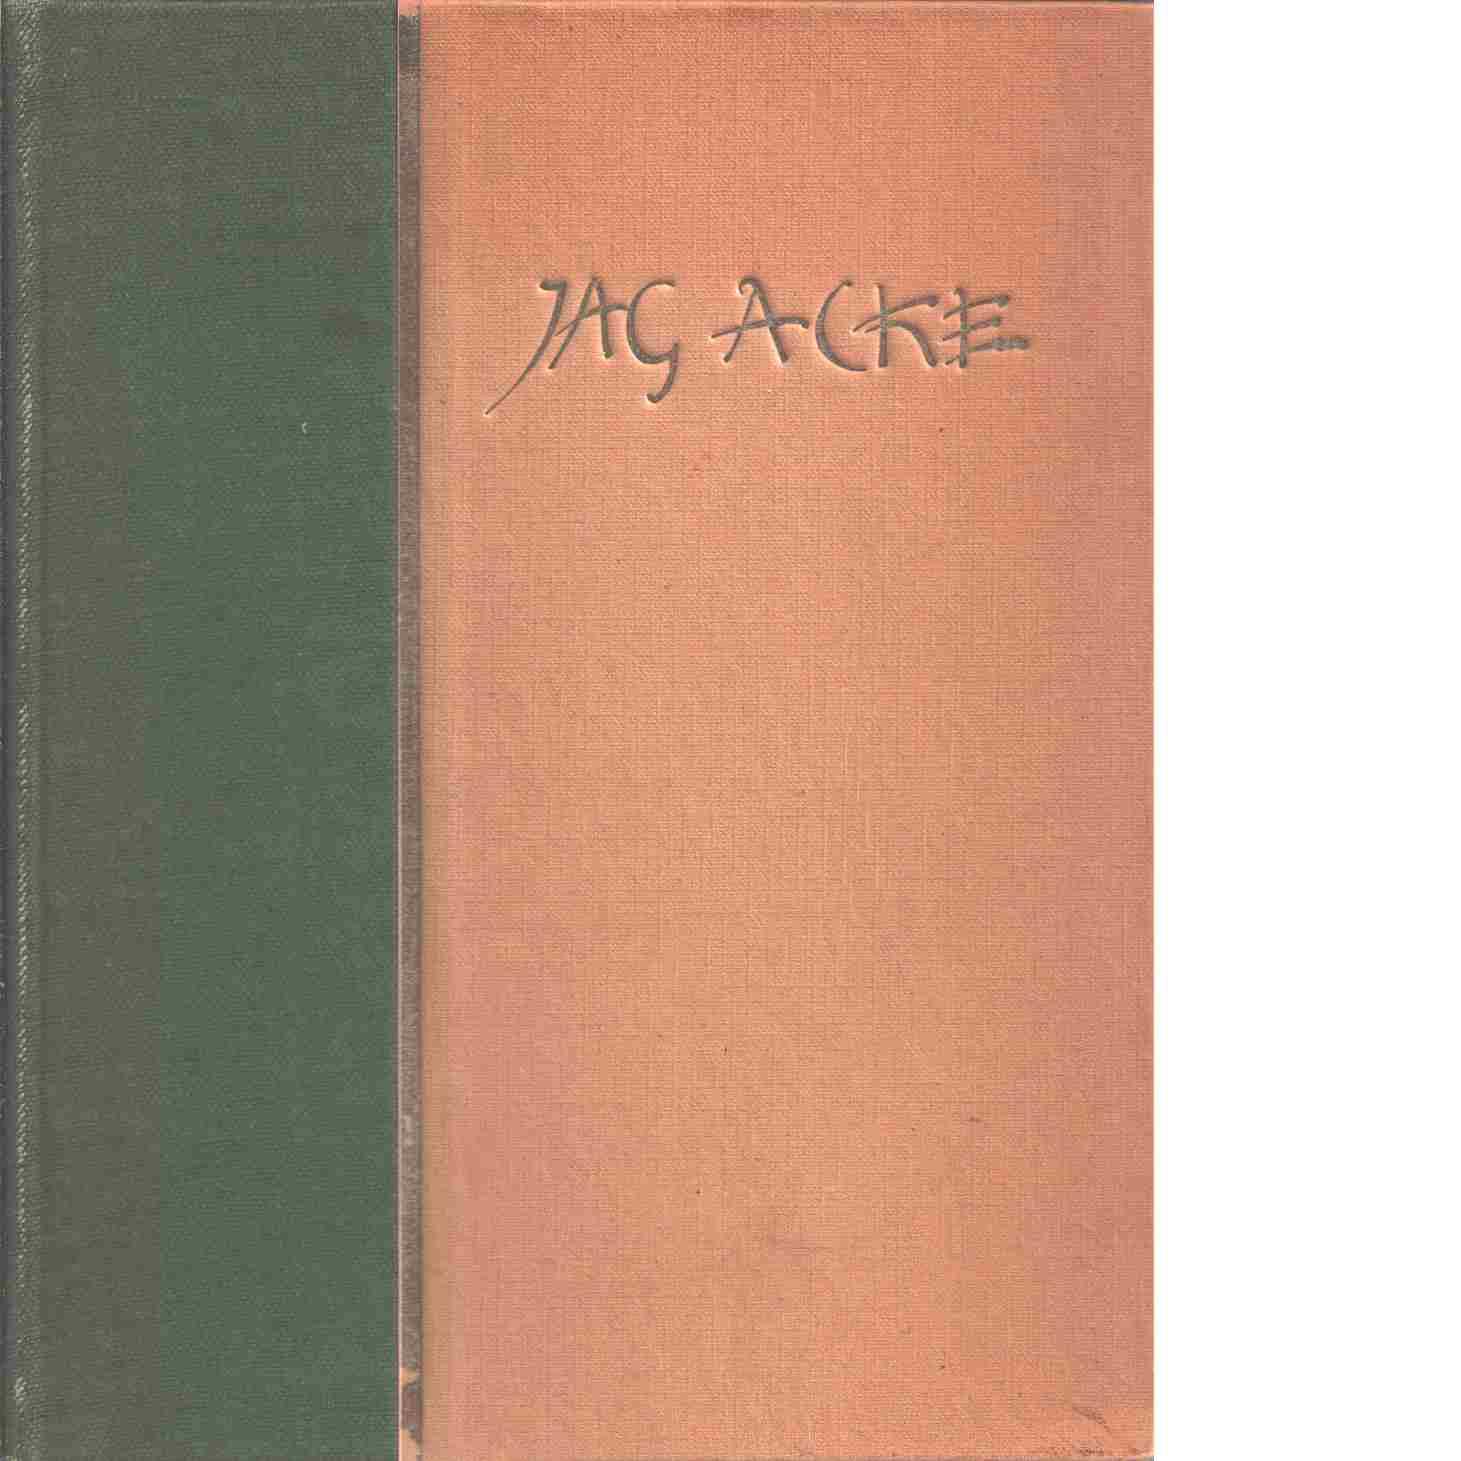 Osannolika historier / av J.A.G. Acke - Acke, J. A. G